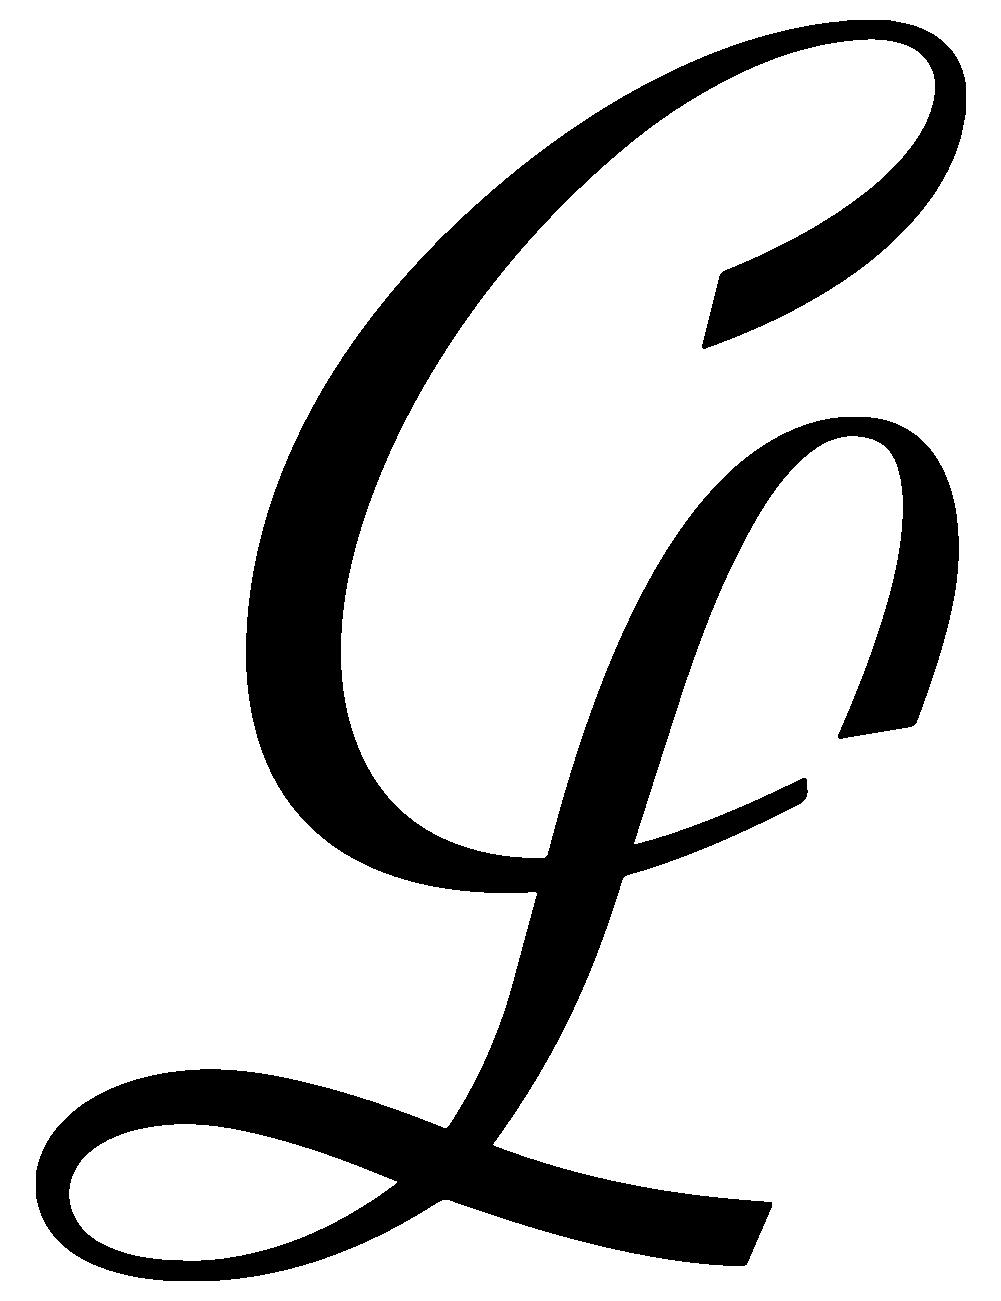 manu12-3